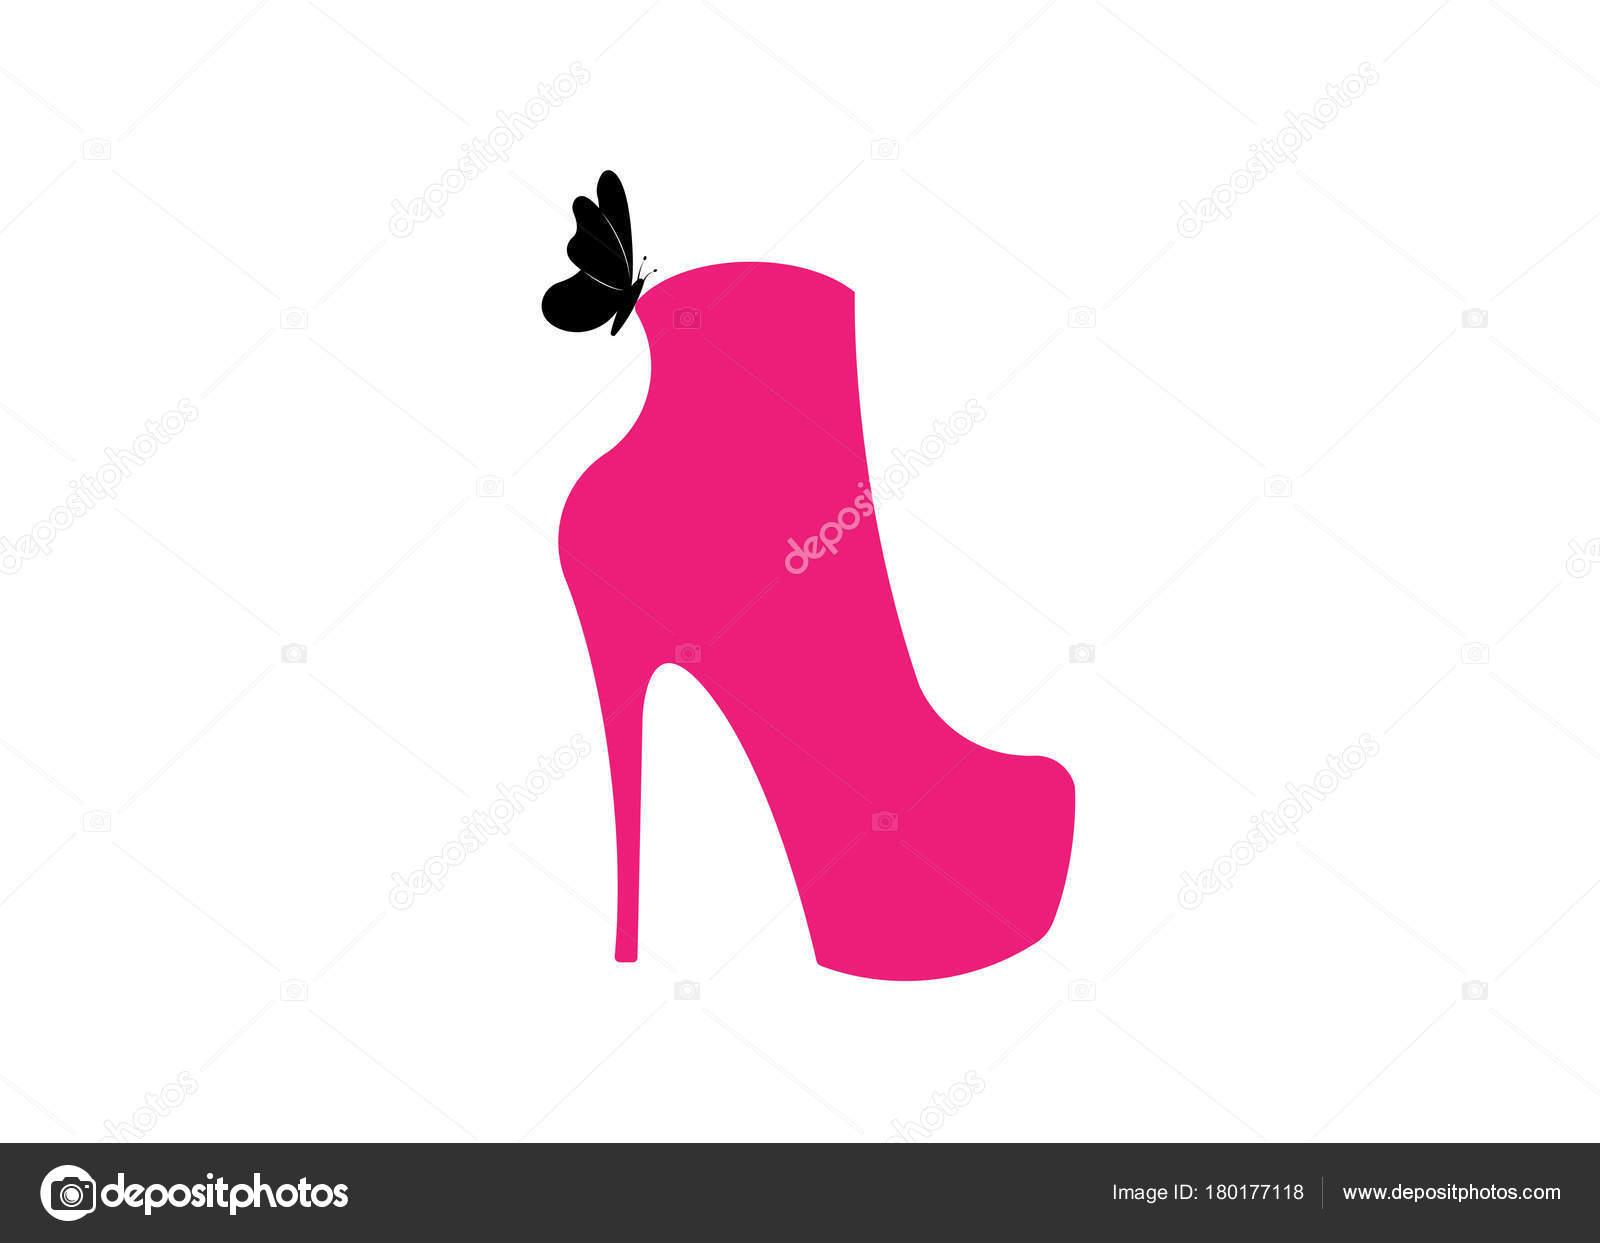 d0b34bbd Mujer Rosa botas de tacones, vista lateral, tienda insignia, tienda,  colección de moda, etiqueta de boutique. Diseño de logotipo de empresa.  Zapatos con ...